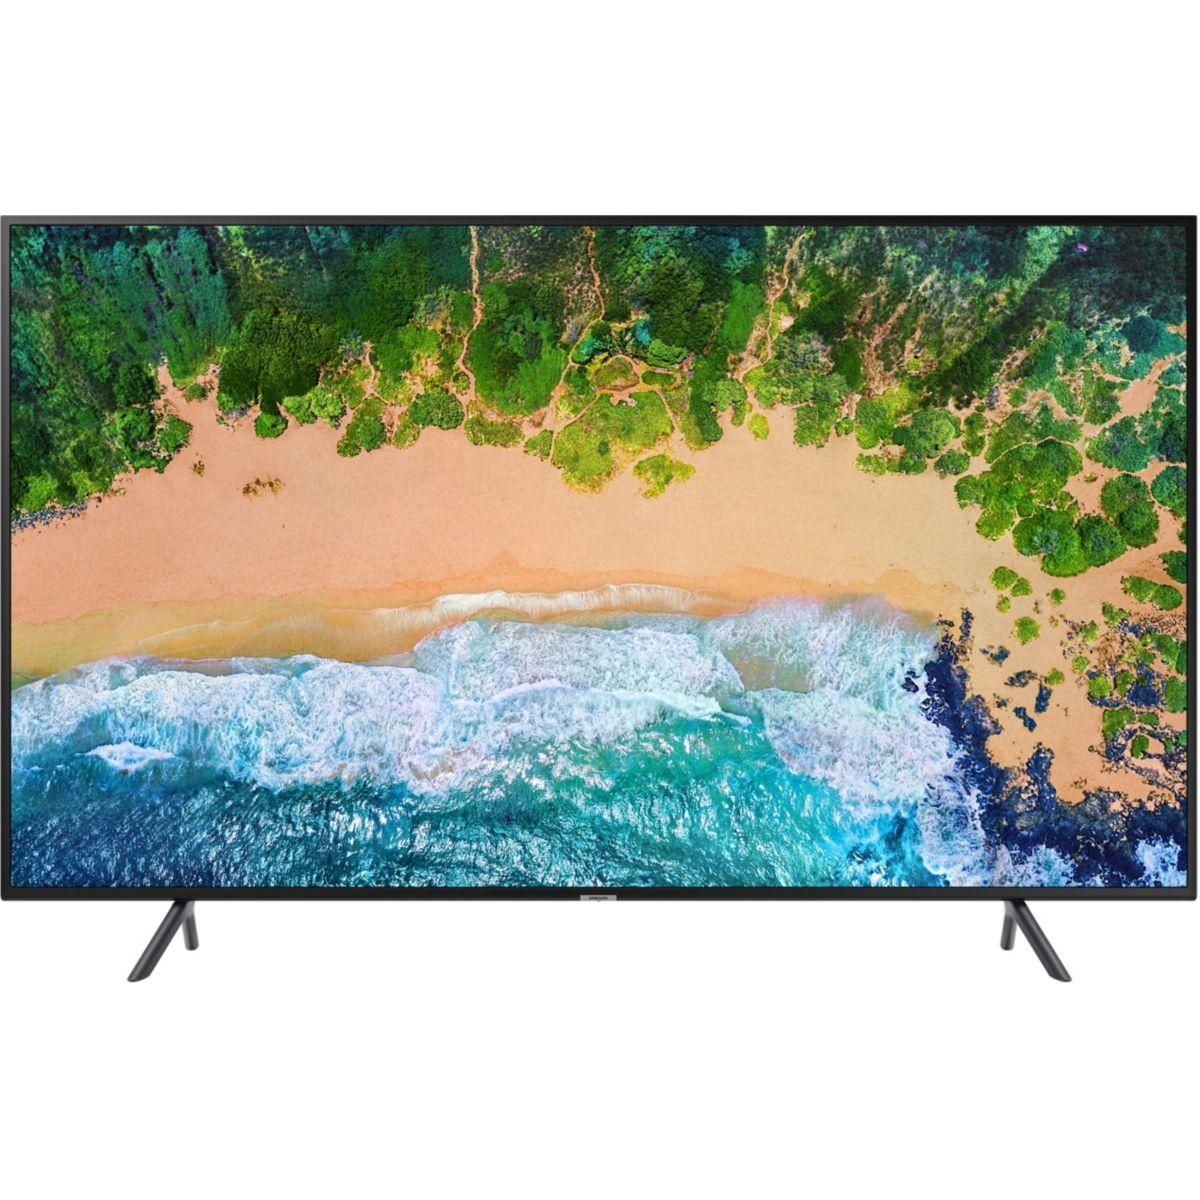 Tv led samsung ue40nu7195 - livraison offerte : code premium